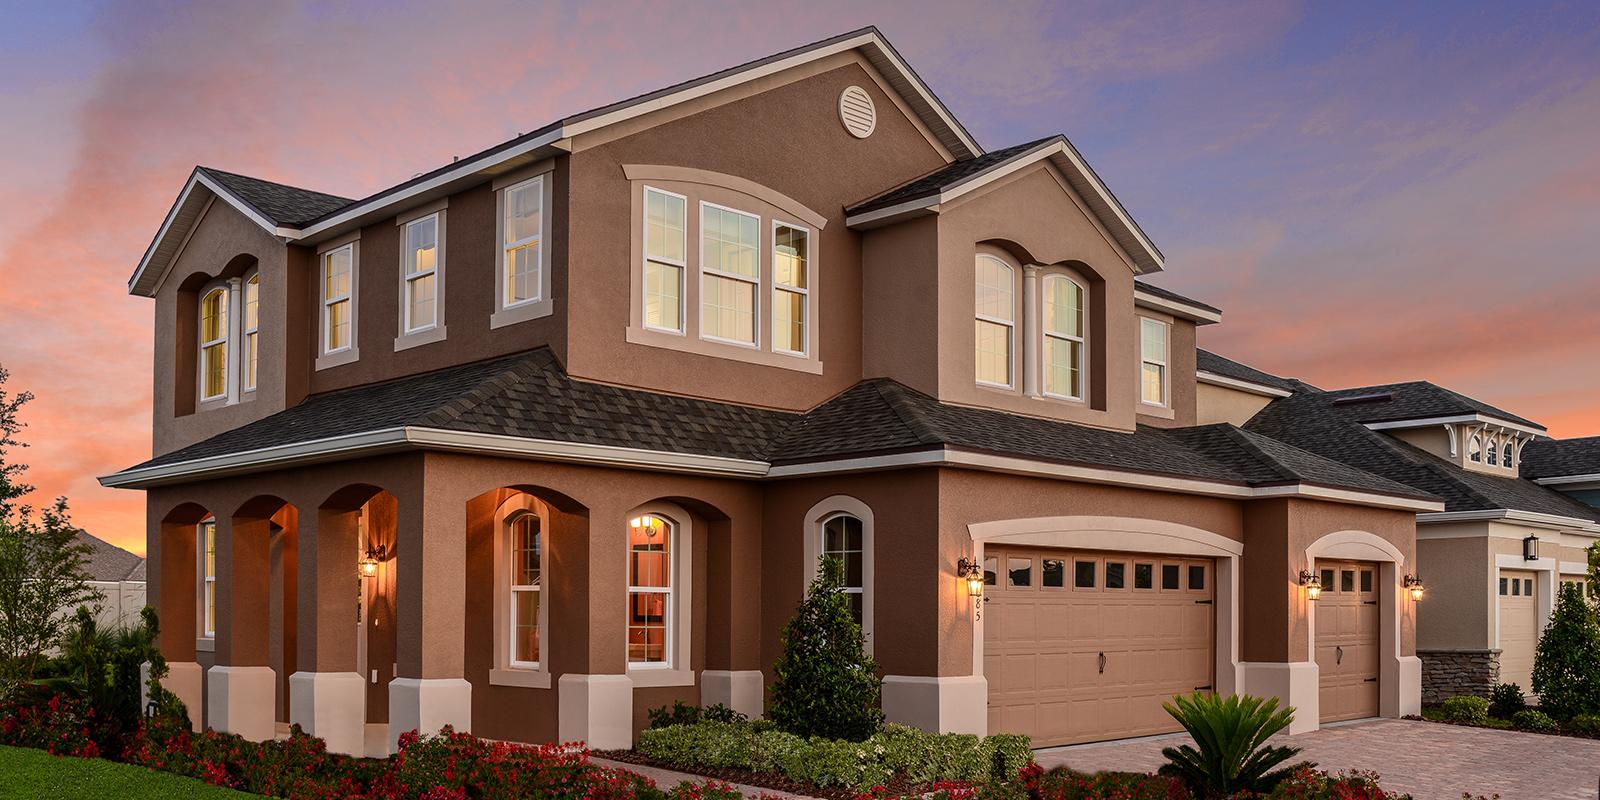 casas para comprar em Orlando EUA